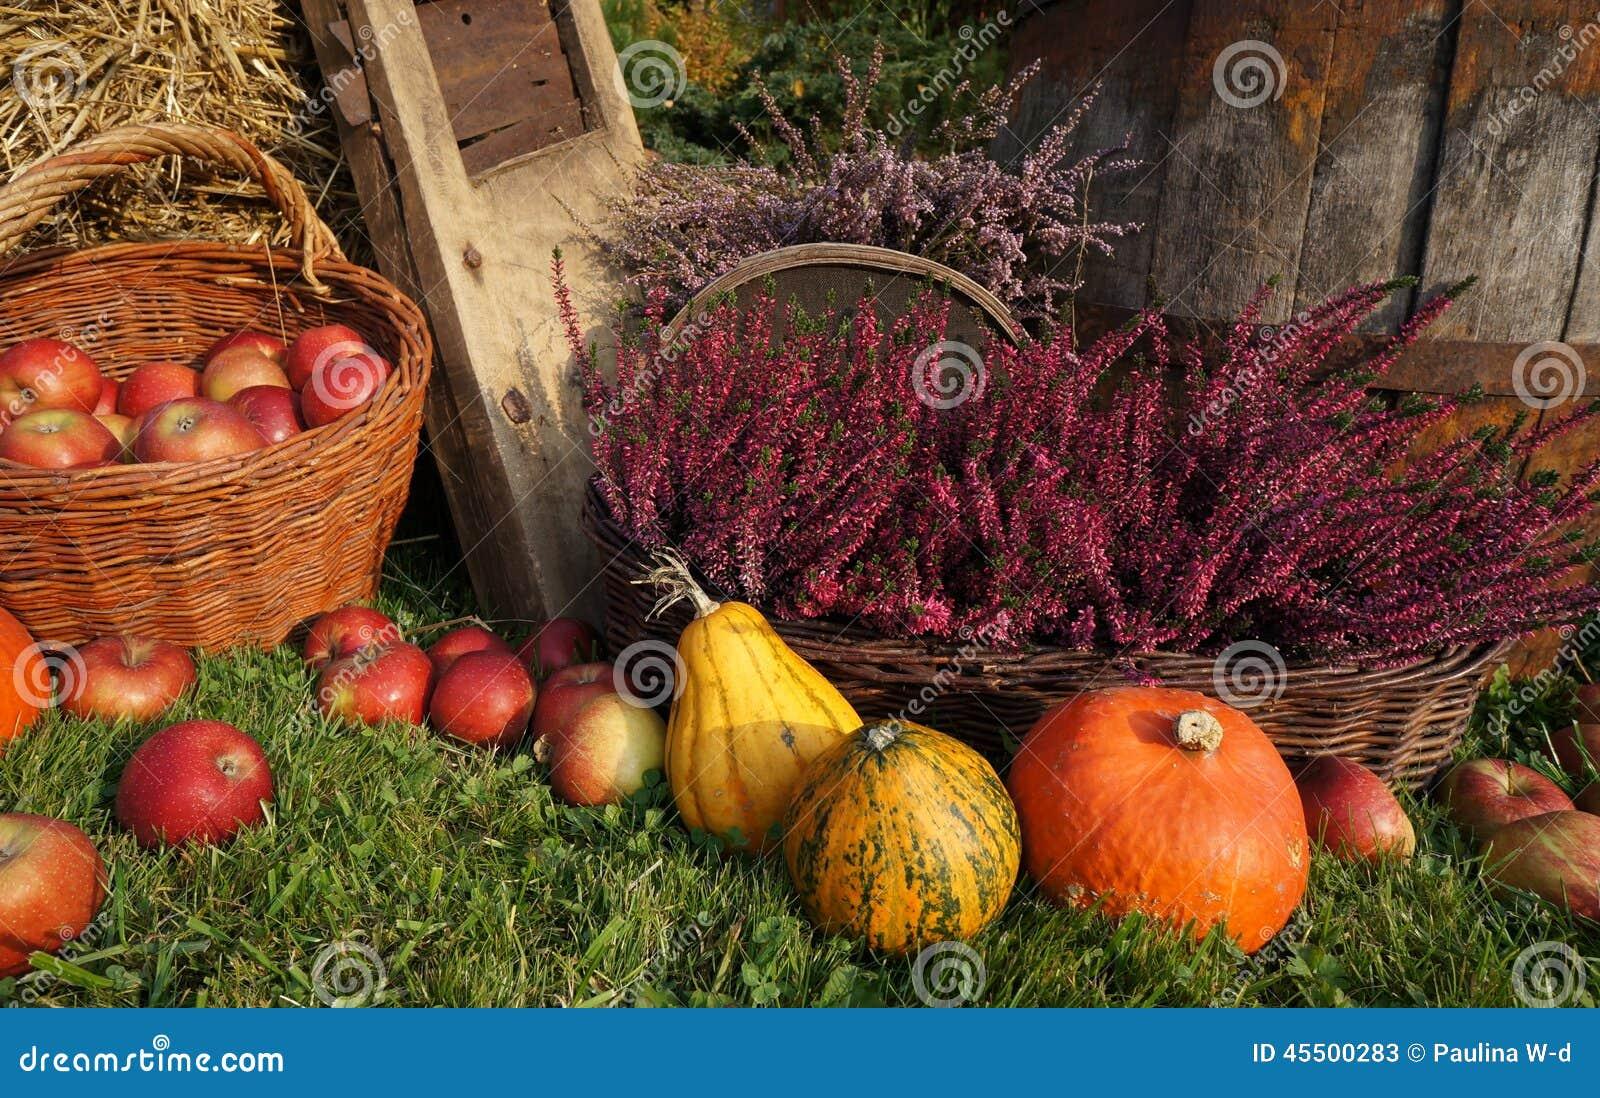 De de herfstdecoratie, pompoenen, pompoen, heide bloeit en rieten mand met appelen